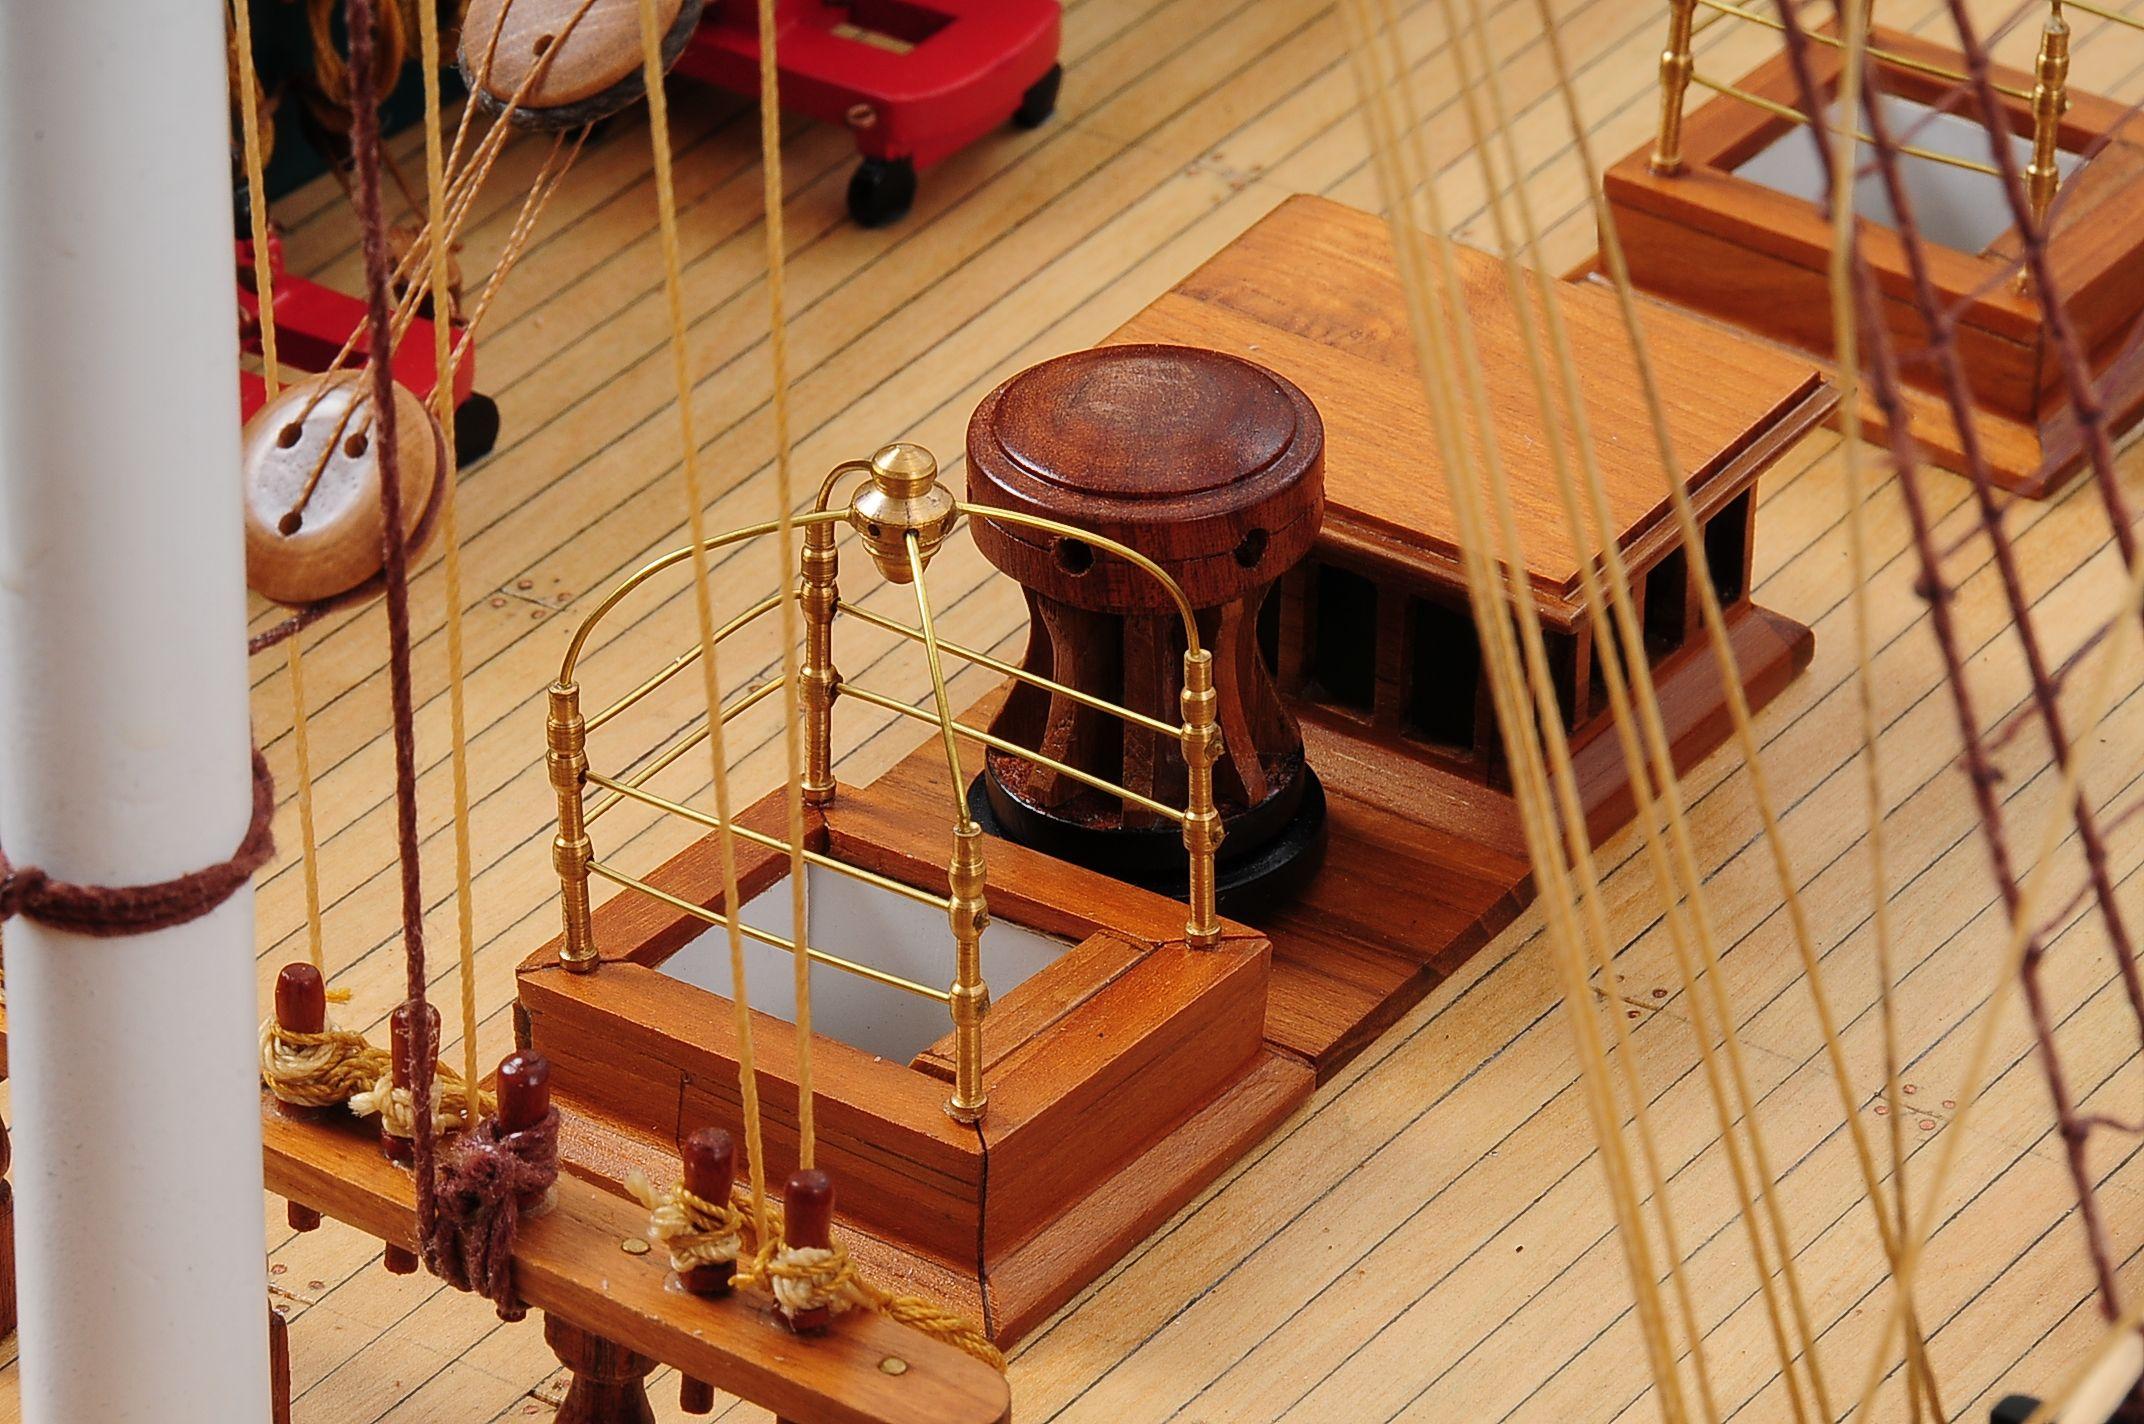 1258-7866-USS-Constitution-Model-Ship-Premier-Range